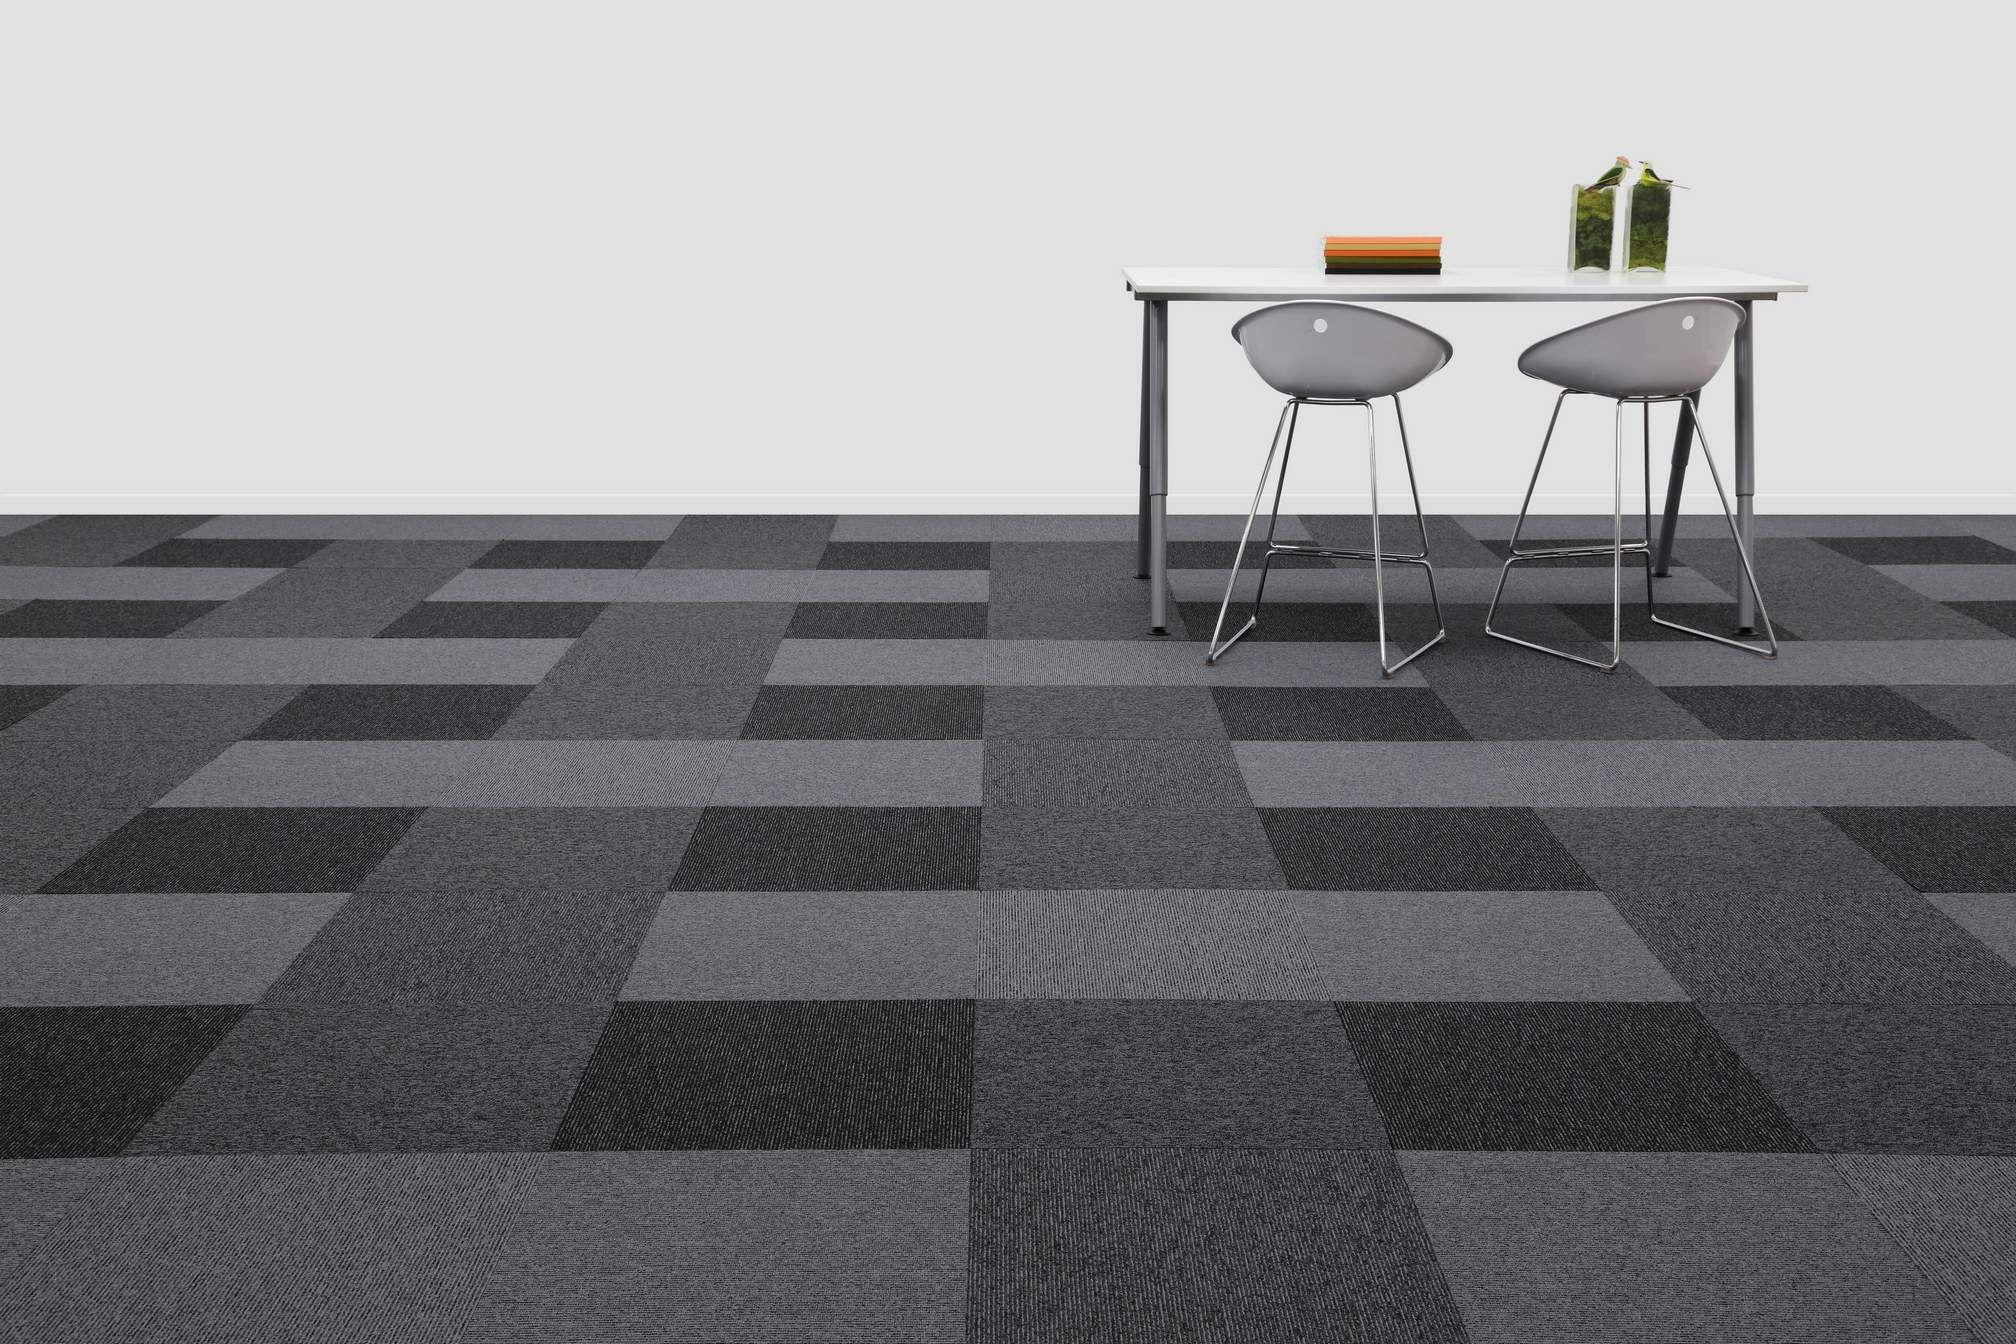 Cheap Carpet Tiles For Sale With Images Carpet Tiles Carpet